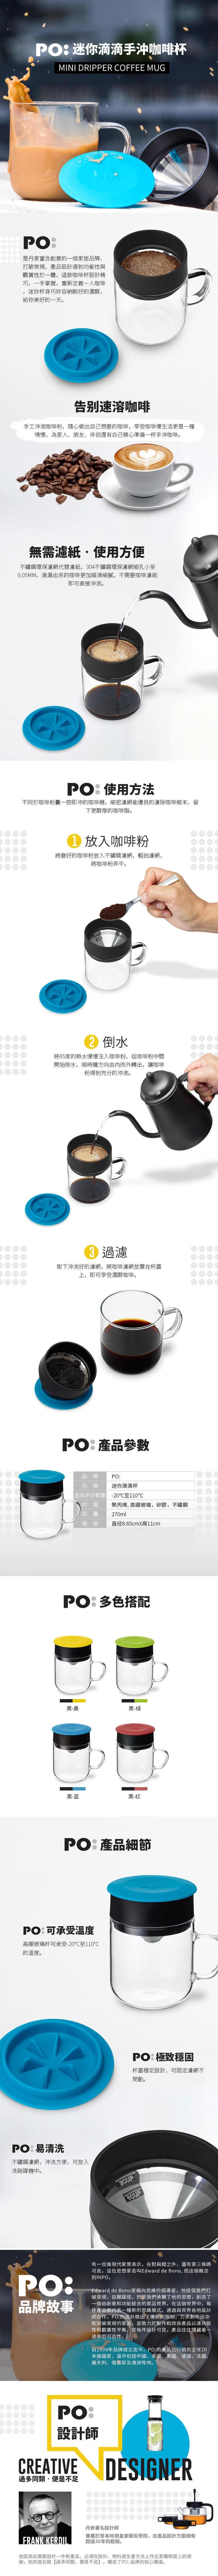 (複製)PO:Selected|丹麥DIY手沖咖啡禮盒組(手動式研磨器/咖啡玻璃杯240ml-藍)